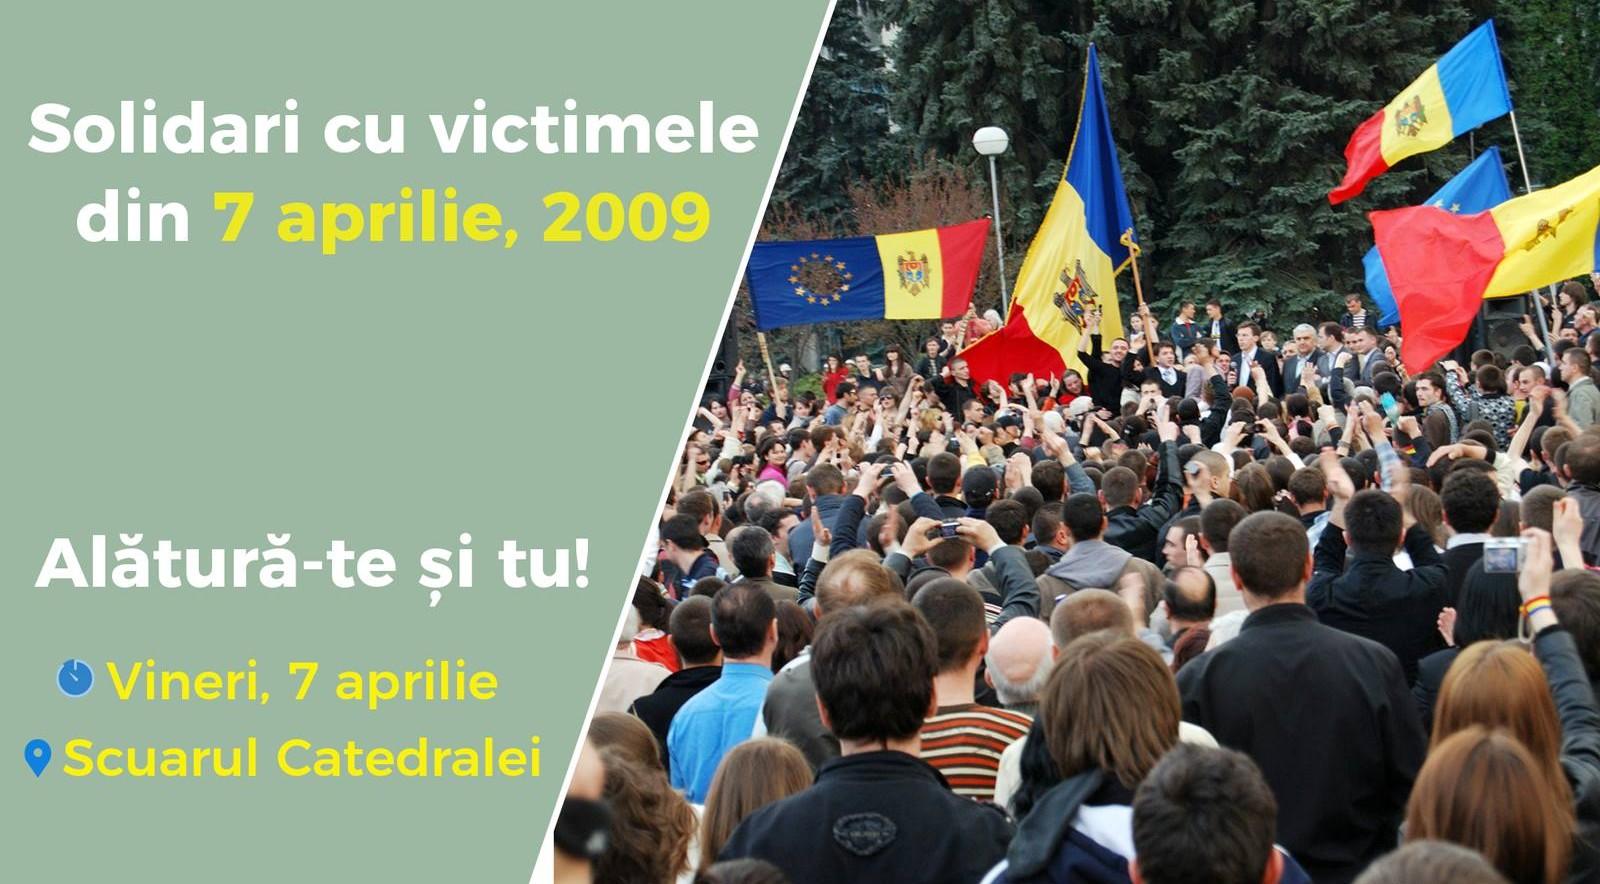 """""""Solidari cu victimele"""": Un flashmob dedicat evenimentelor din 7 aprilie va avea loc la Chișinău"""